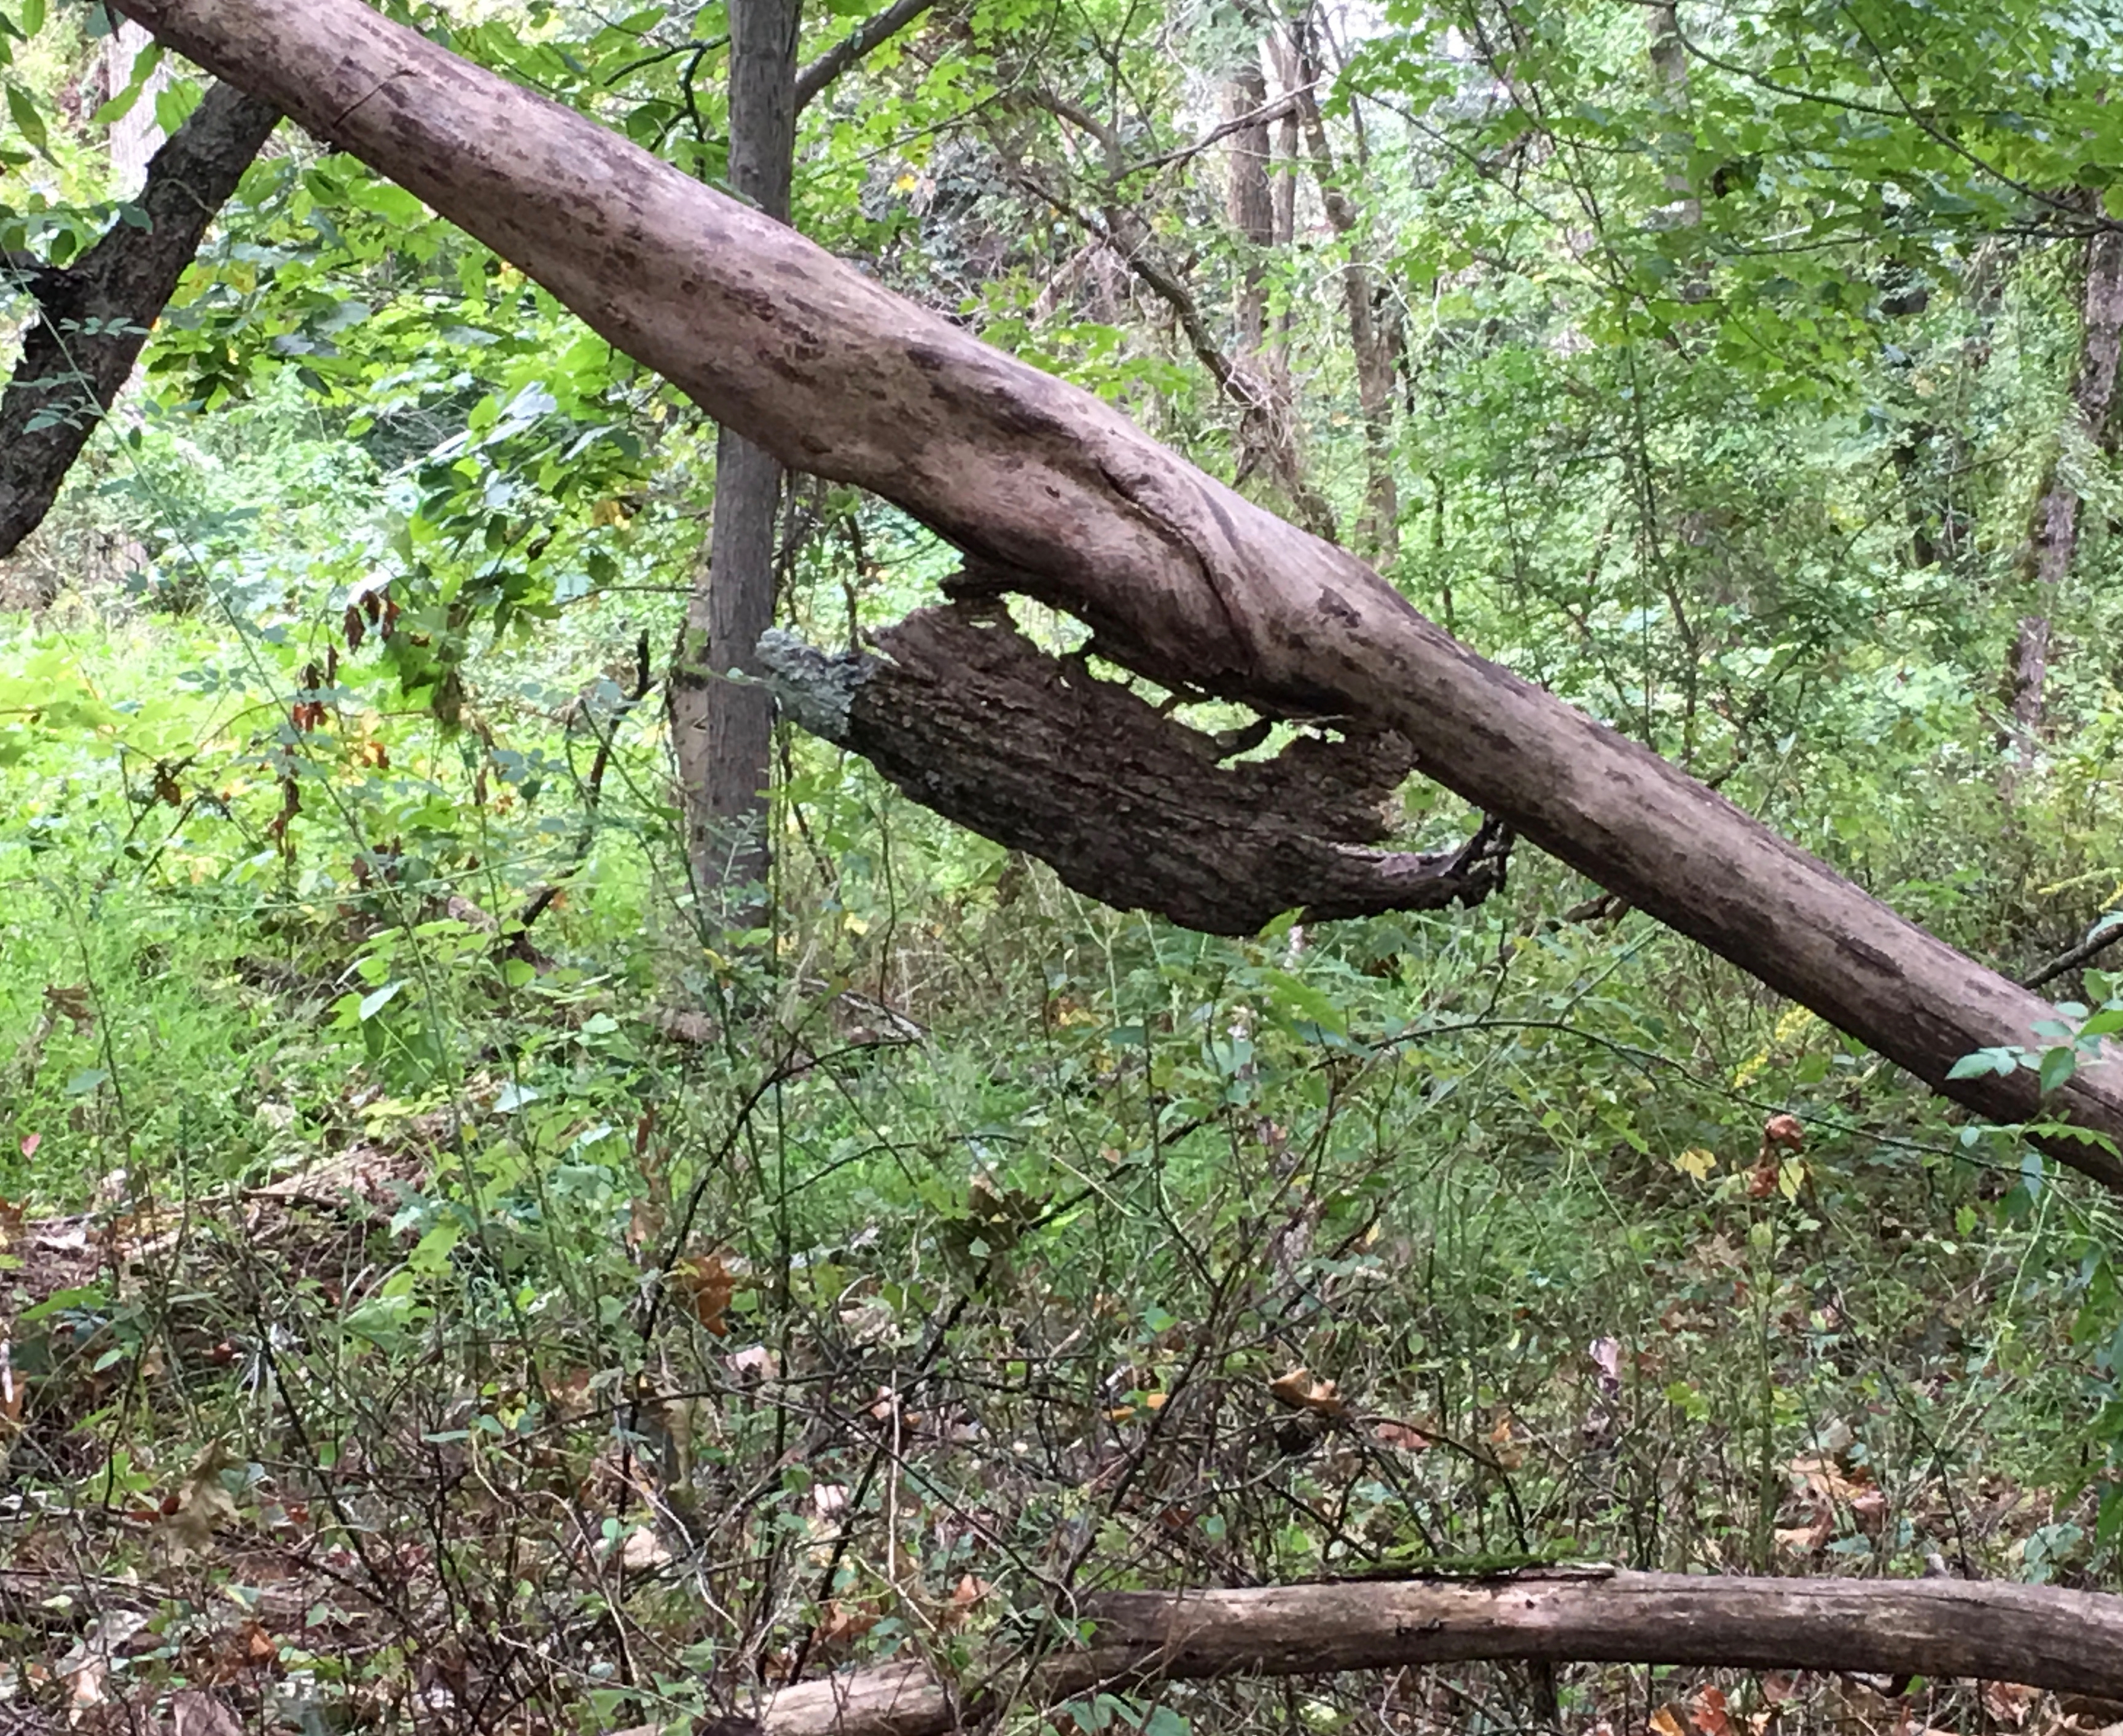 bark possum walking up the tree